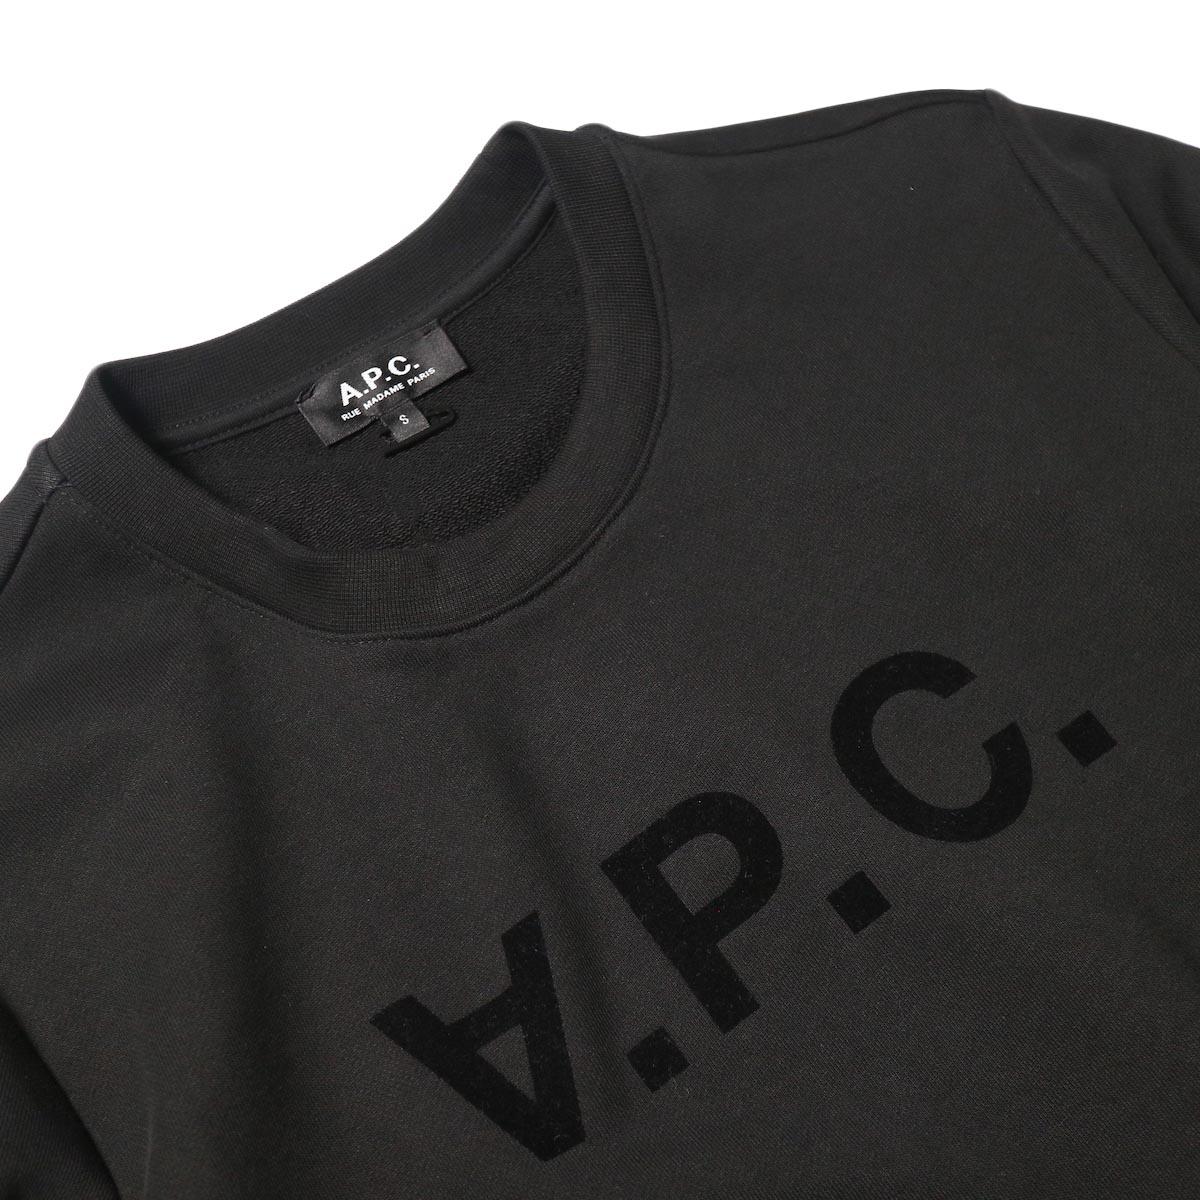 A.P.C. / VPC スウェットシャツ (black) クルーネック・ロゴ